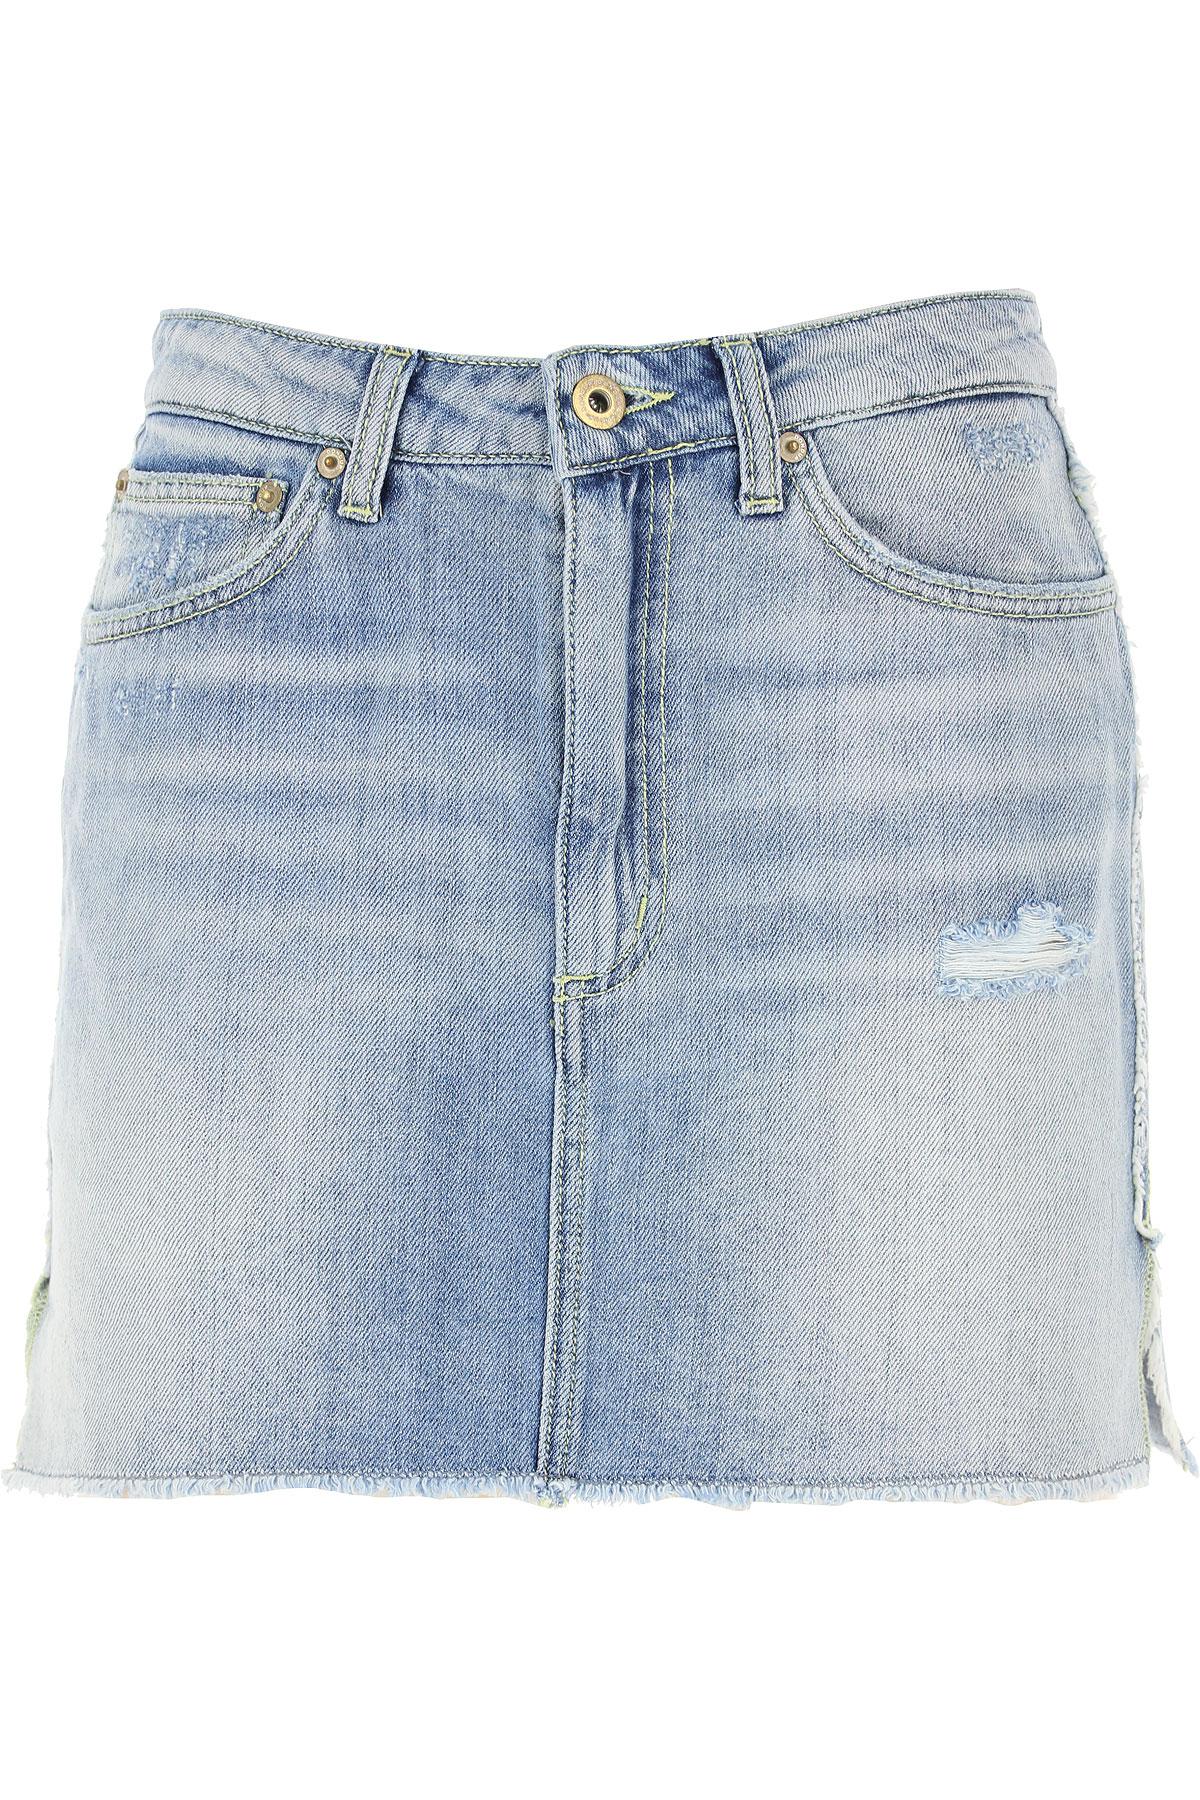 Dondup Skirt for Women, Denim Blue, Cotton, 2017, 25 26 27 28 29 30